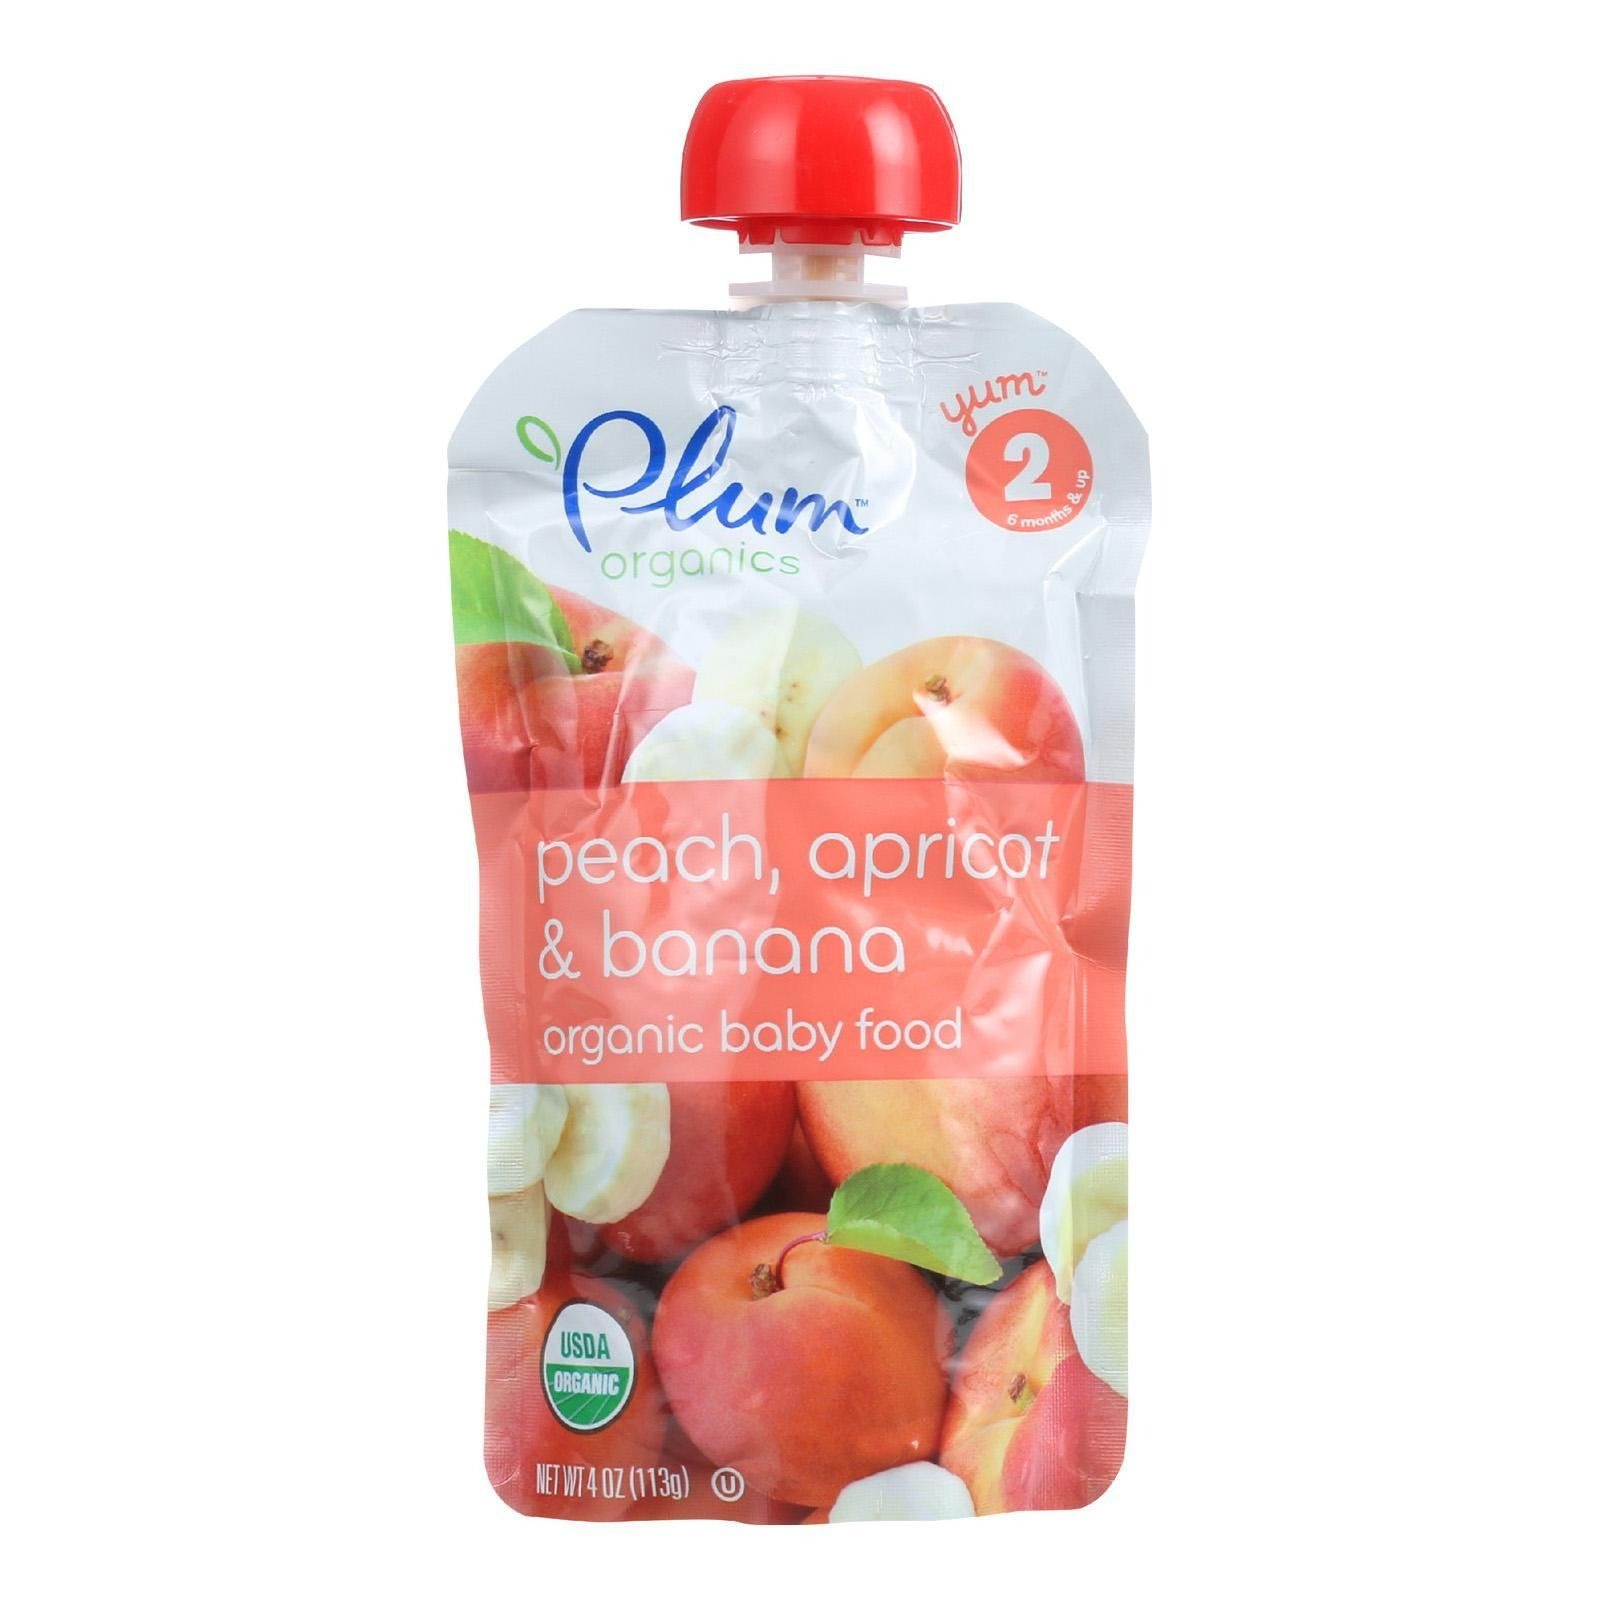 Plum organics baby food organic apricot and banana